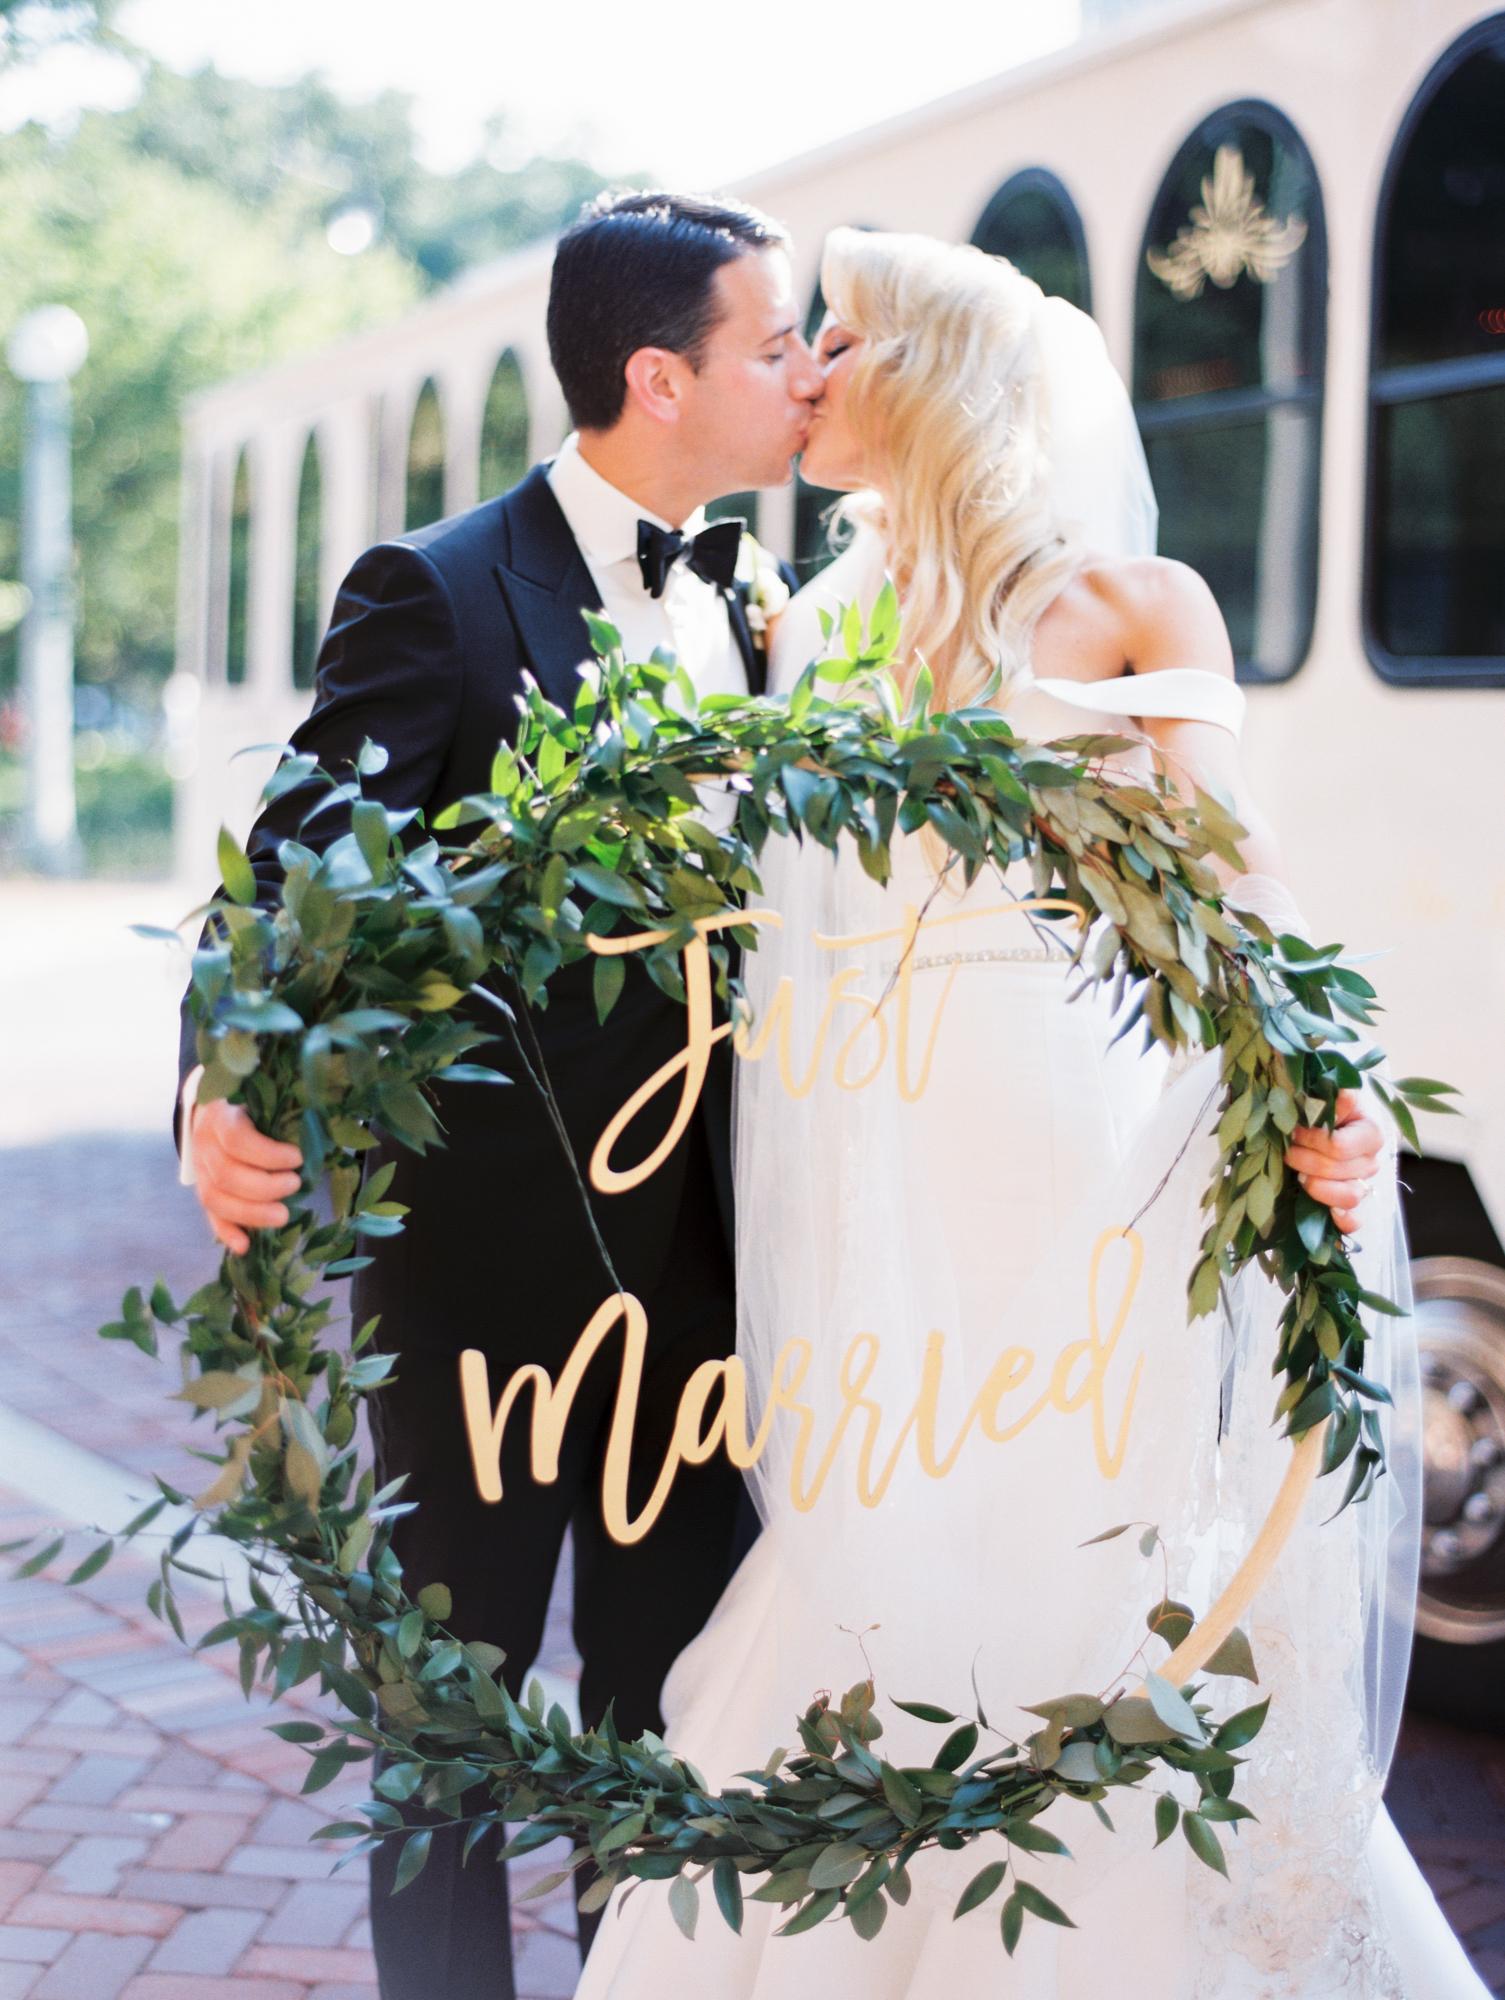 kristin-la-voie-photography-cafe-brauer-chicago-wedding-photographer-674.jpg